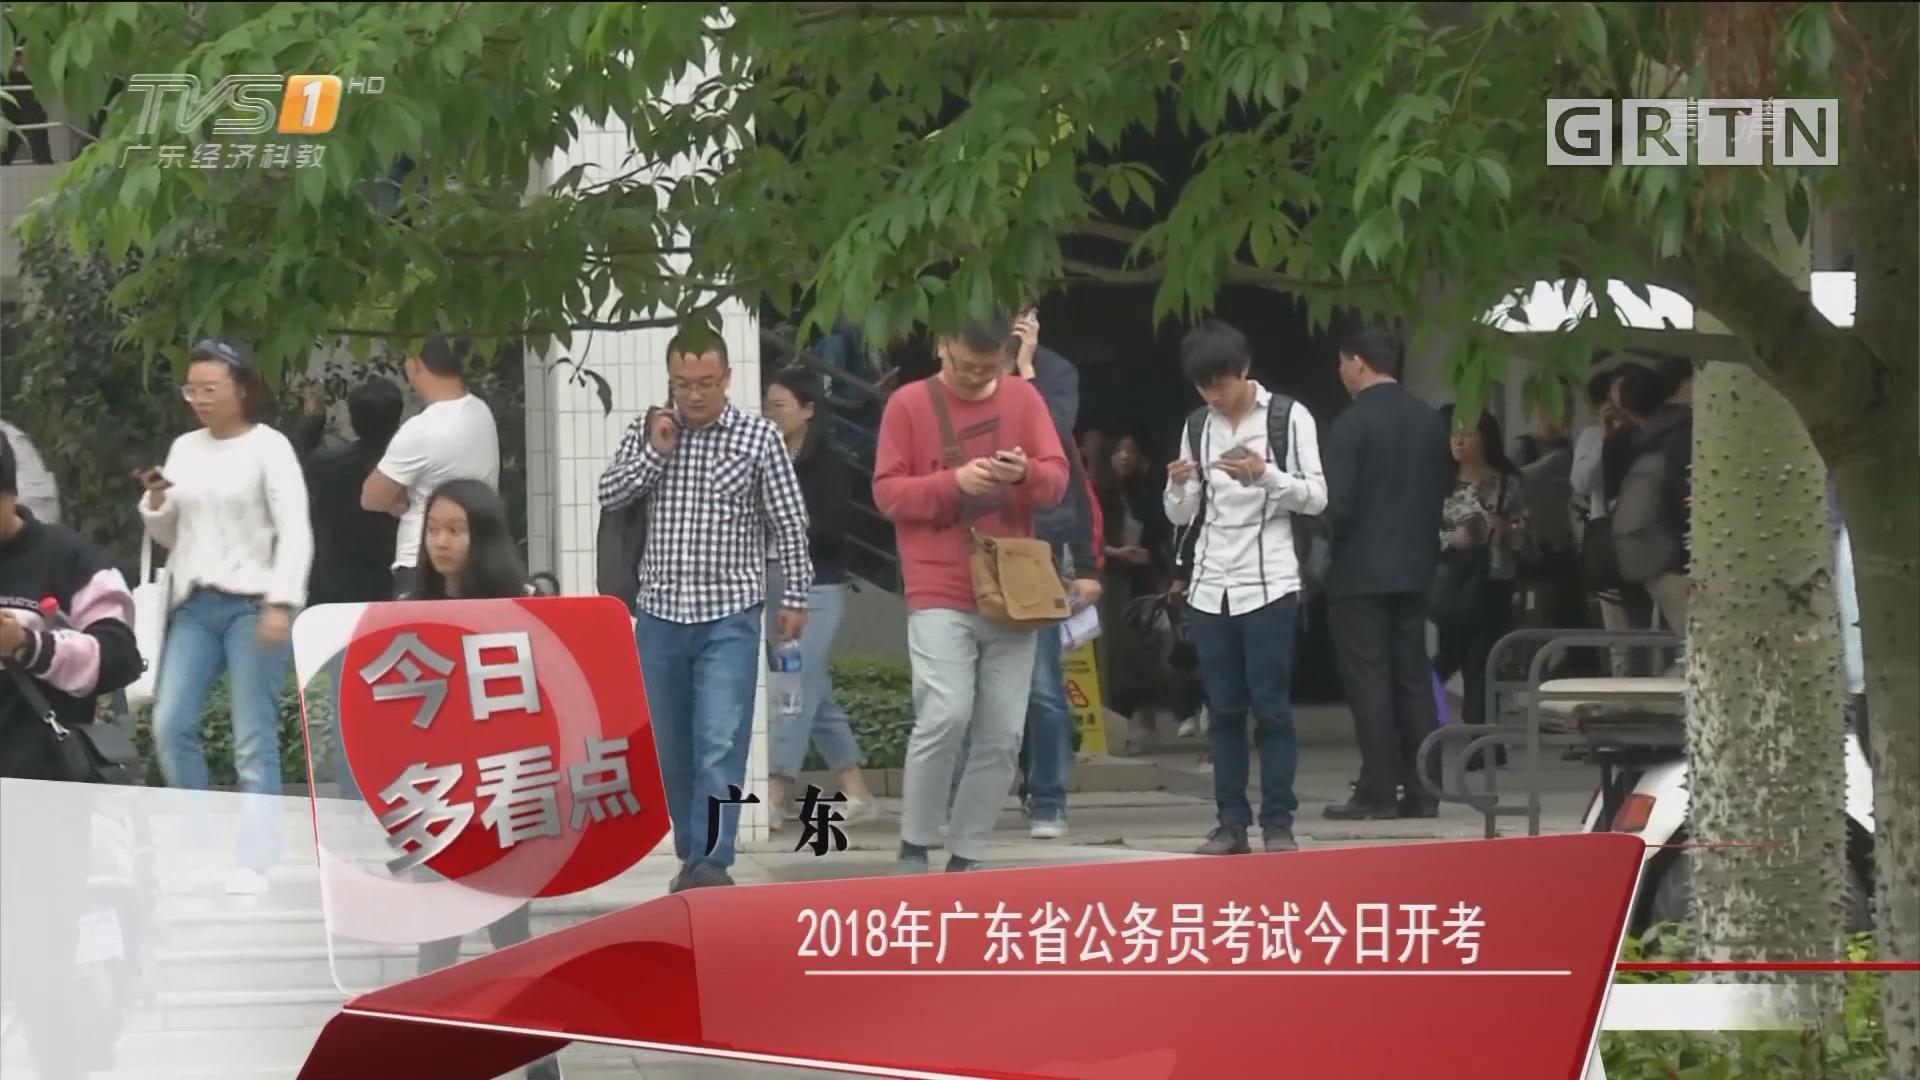 广东:2018年广东省公务员考试今日开考